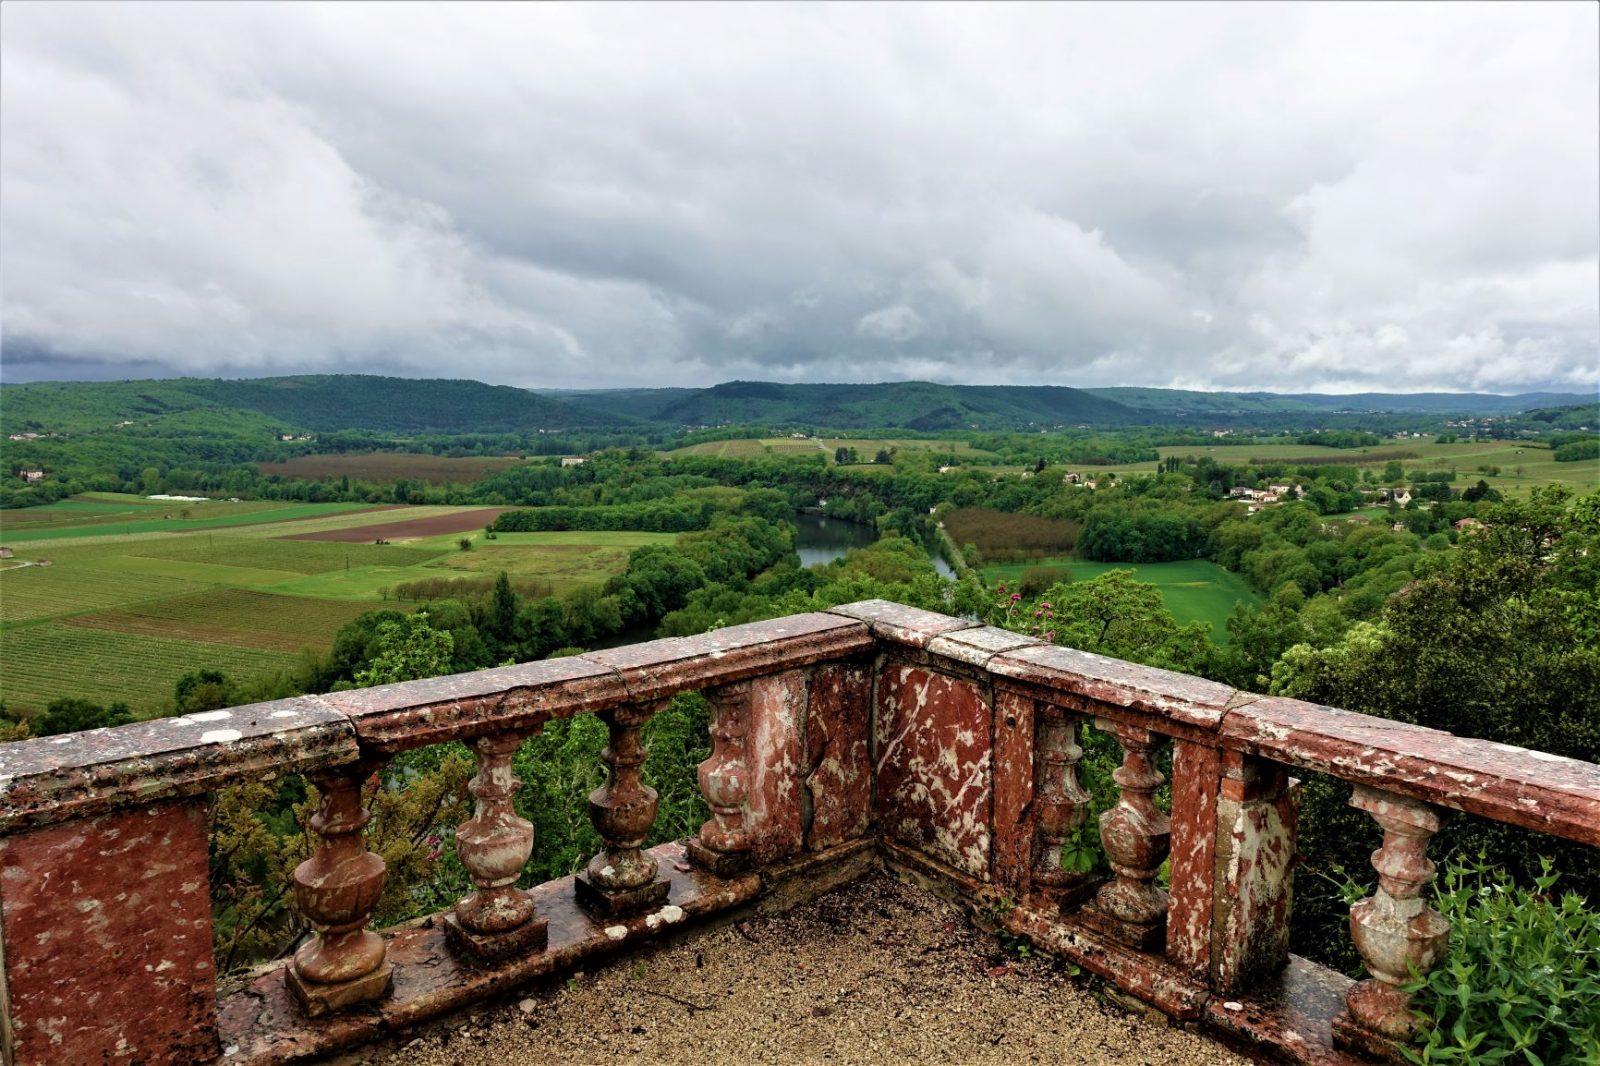 praktfull utsikt frankrike